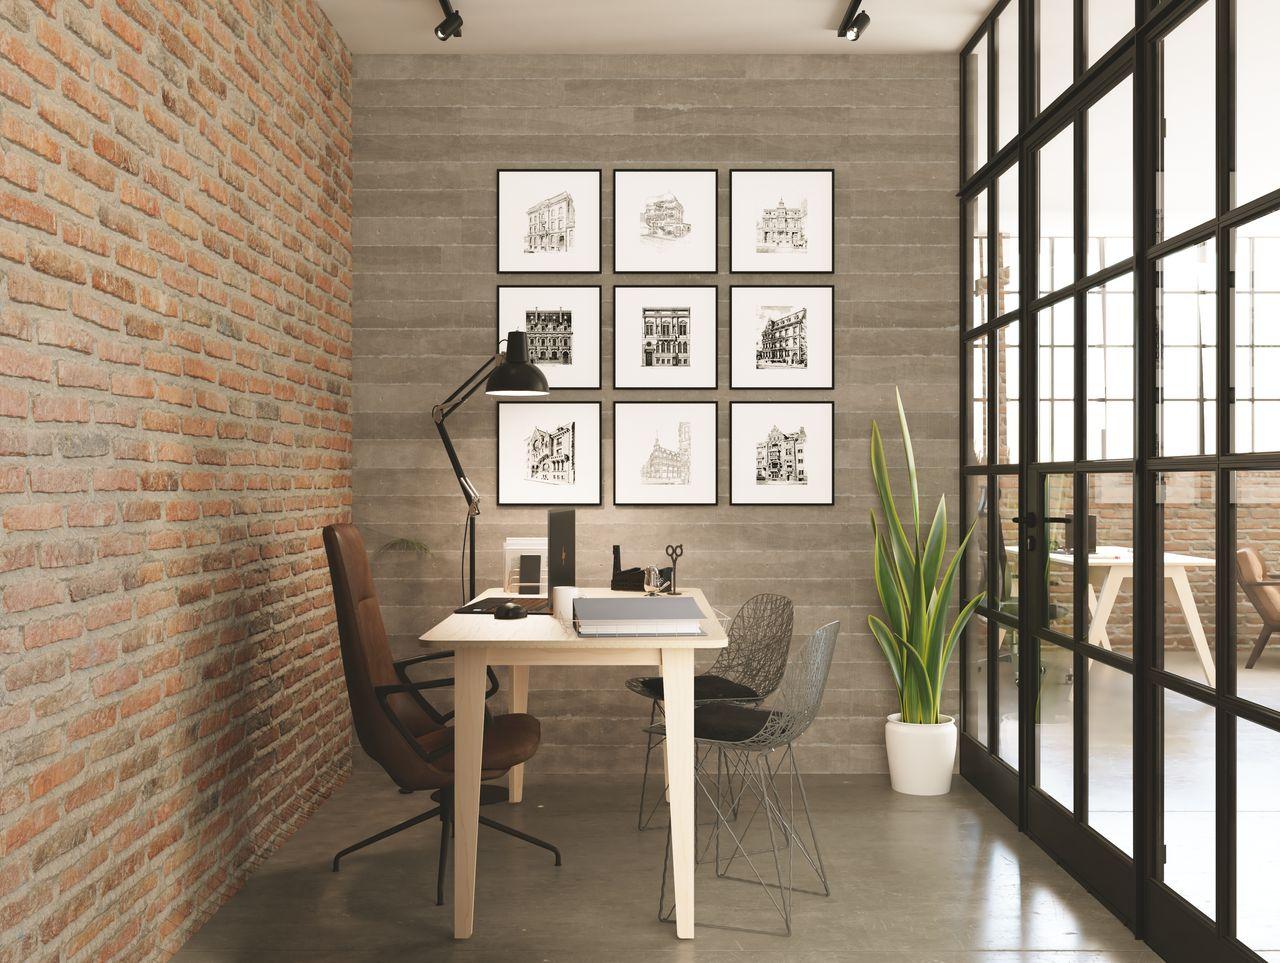 Bureau épuré design fabriqué en bois pour 1 personne disposé dans un espace de travail au style industriel avec une assise en cuir, des tableaux rétro, une verrière aux contours noirs, des briques rouges et une lampe noire